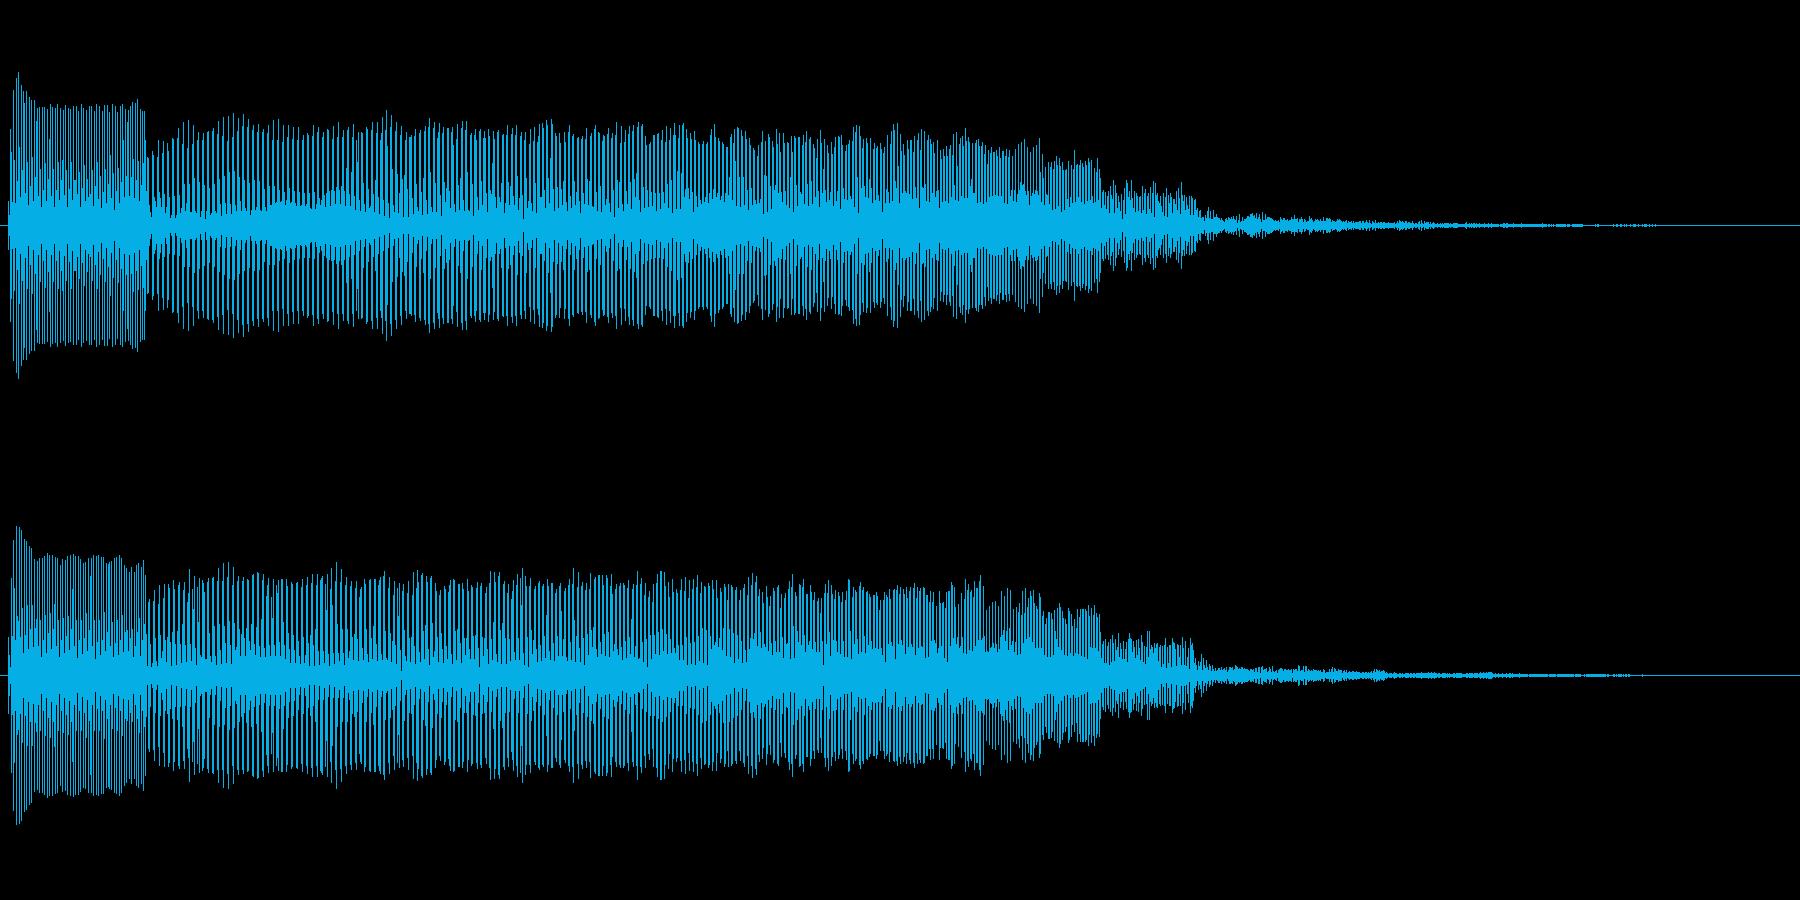 ファミコンマリオのジャンプ音風の再生済みの波形